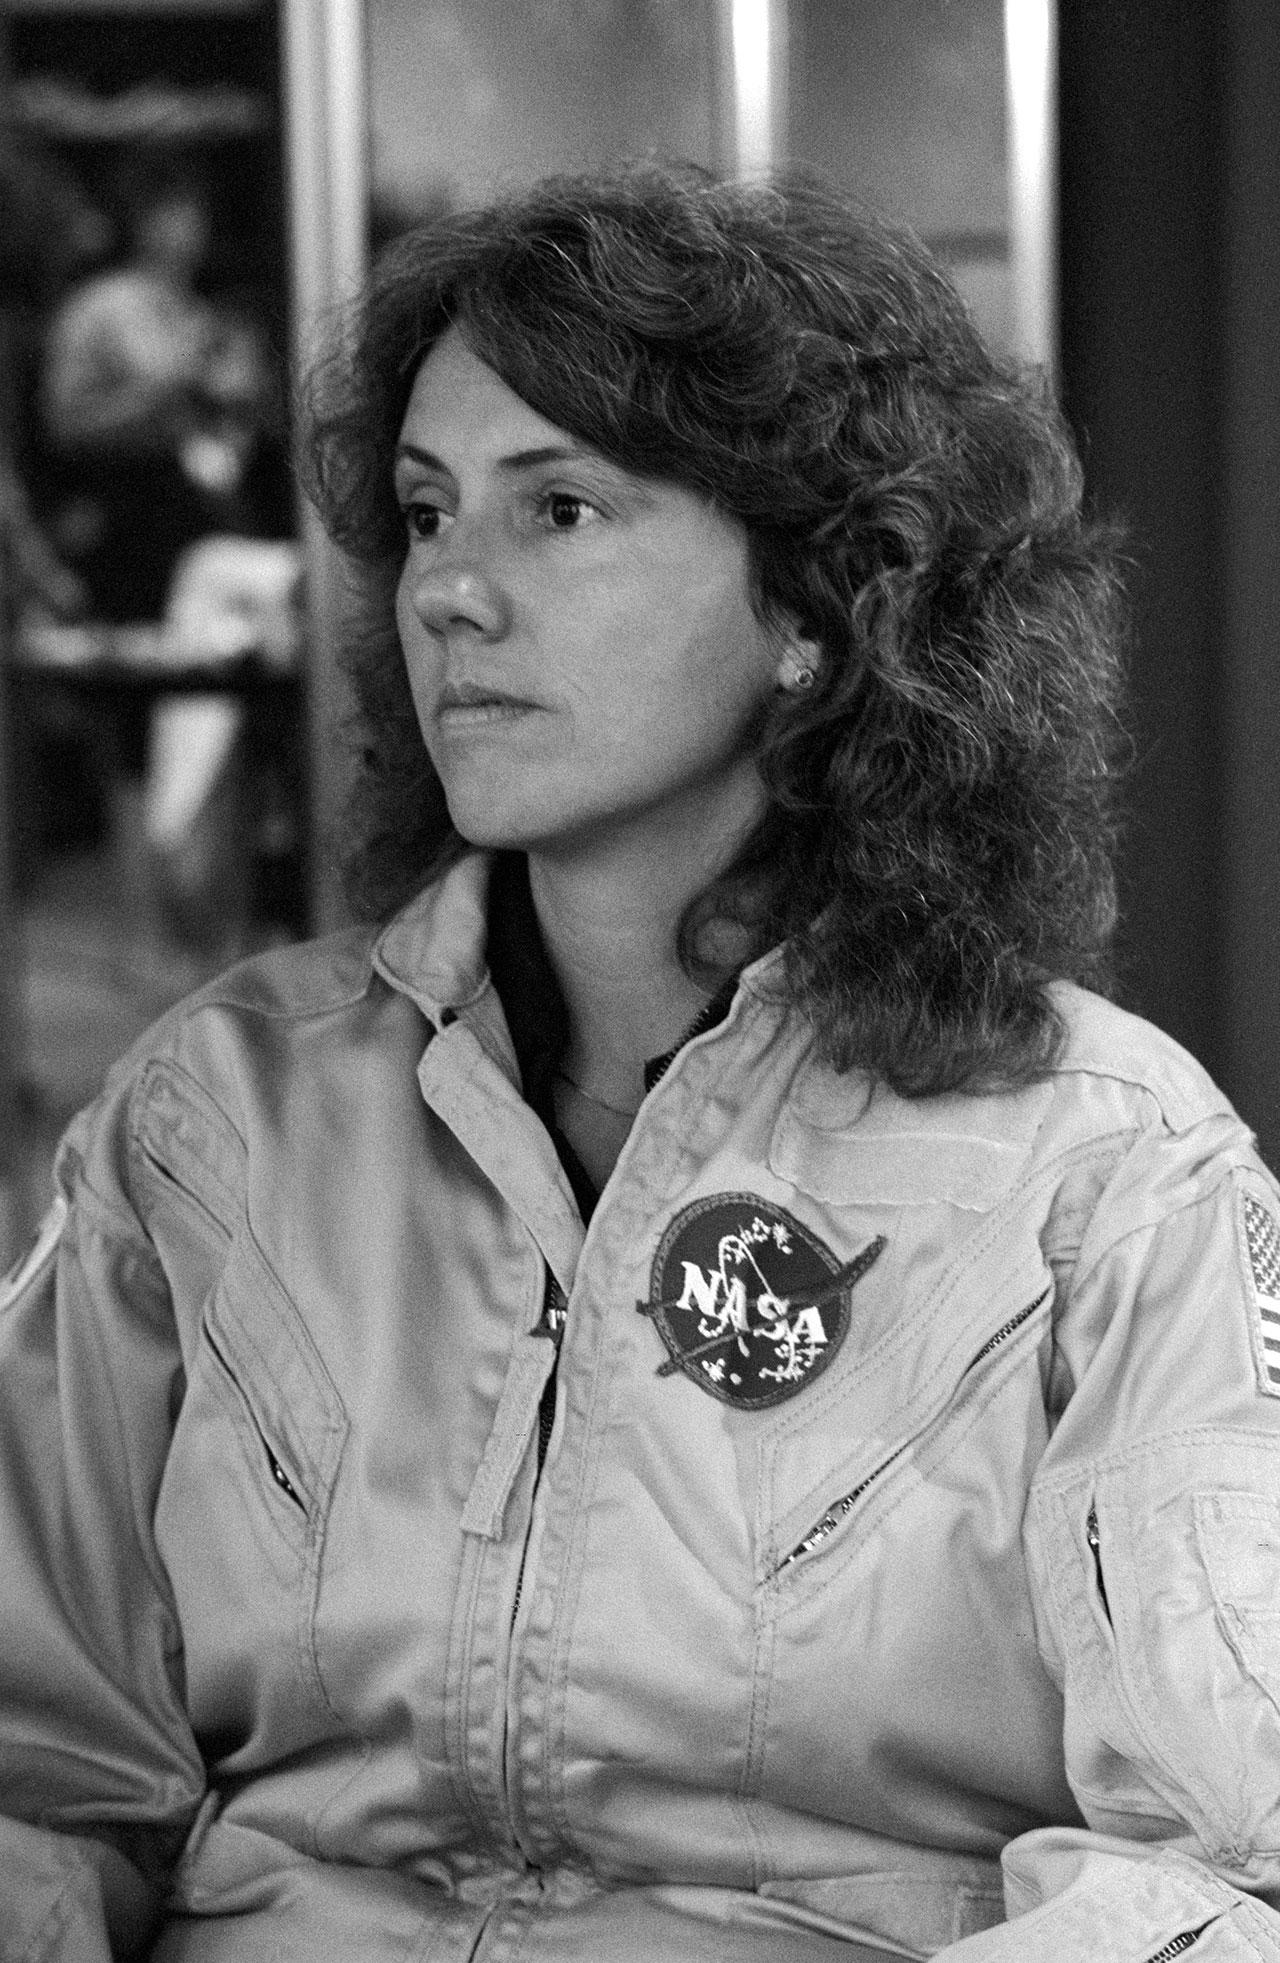 Le portrait sur l'avers de la pièce commémorative 2021 Christa McAuliffe Silver Dollar était basé sur cette photographie, montrant McAuliffe en formation pour sa mission de navette spatiale en 1985.